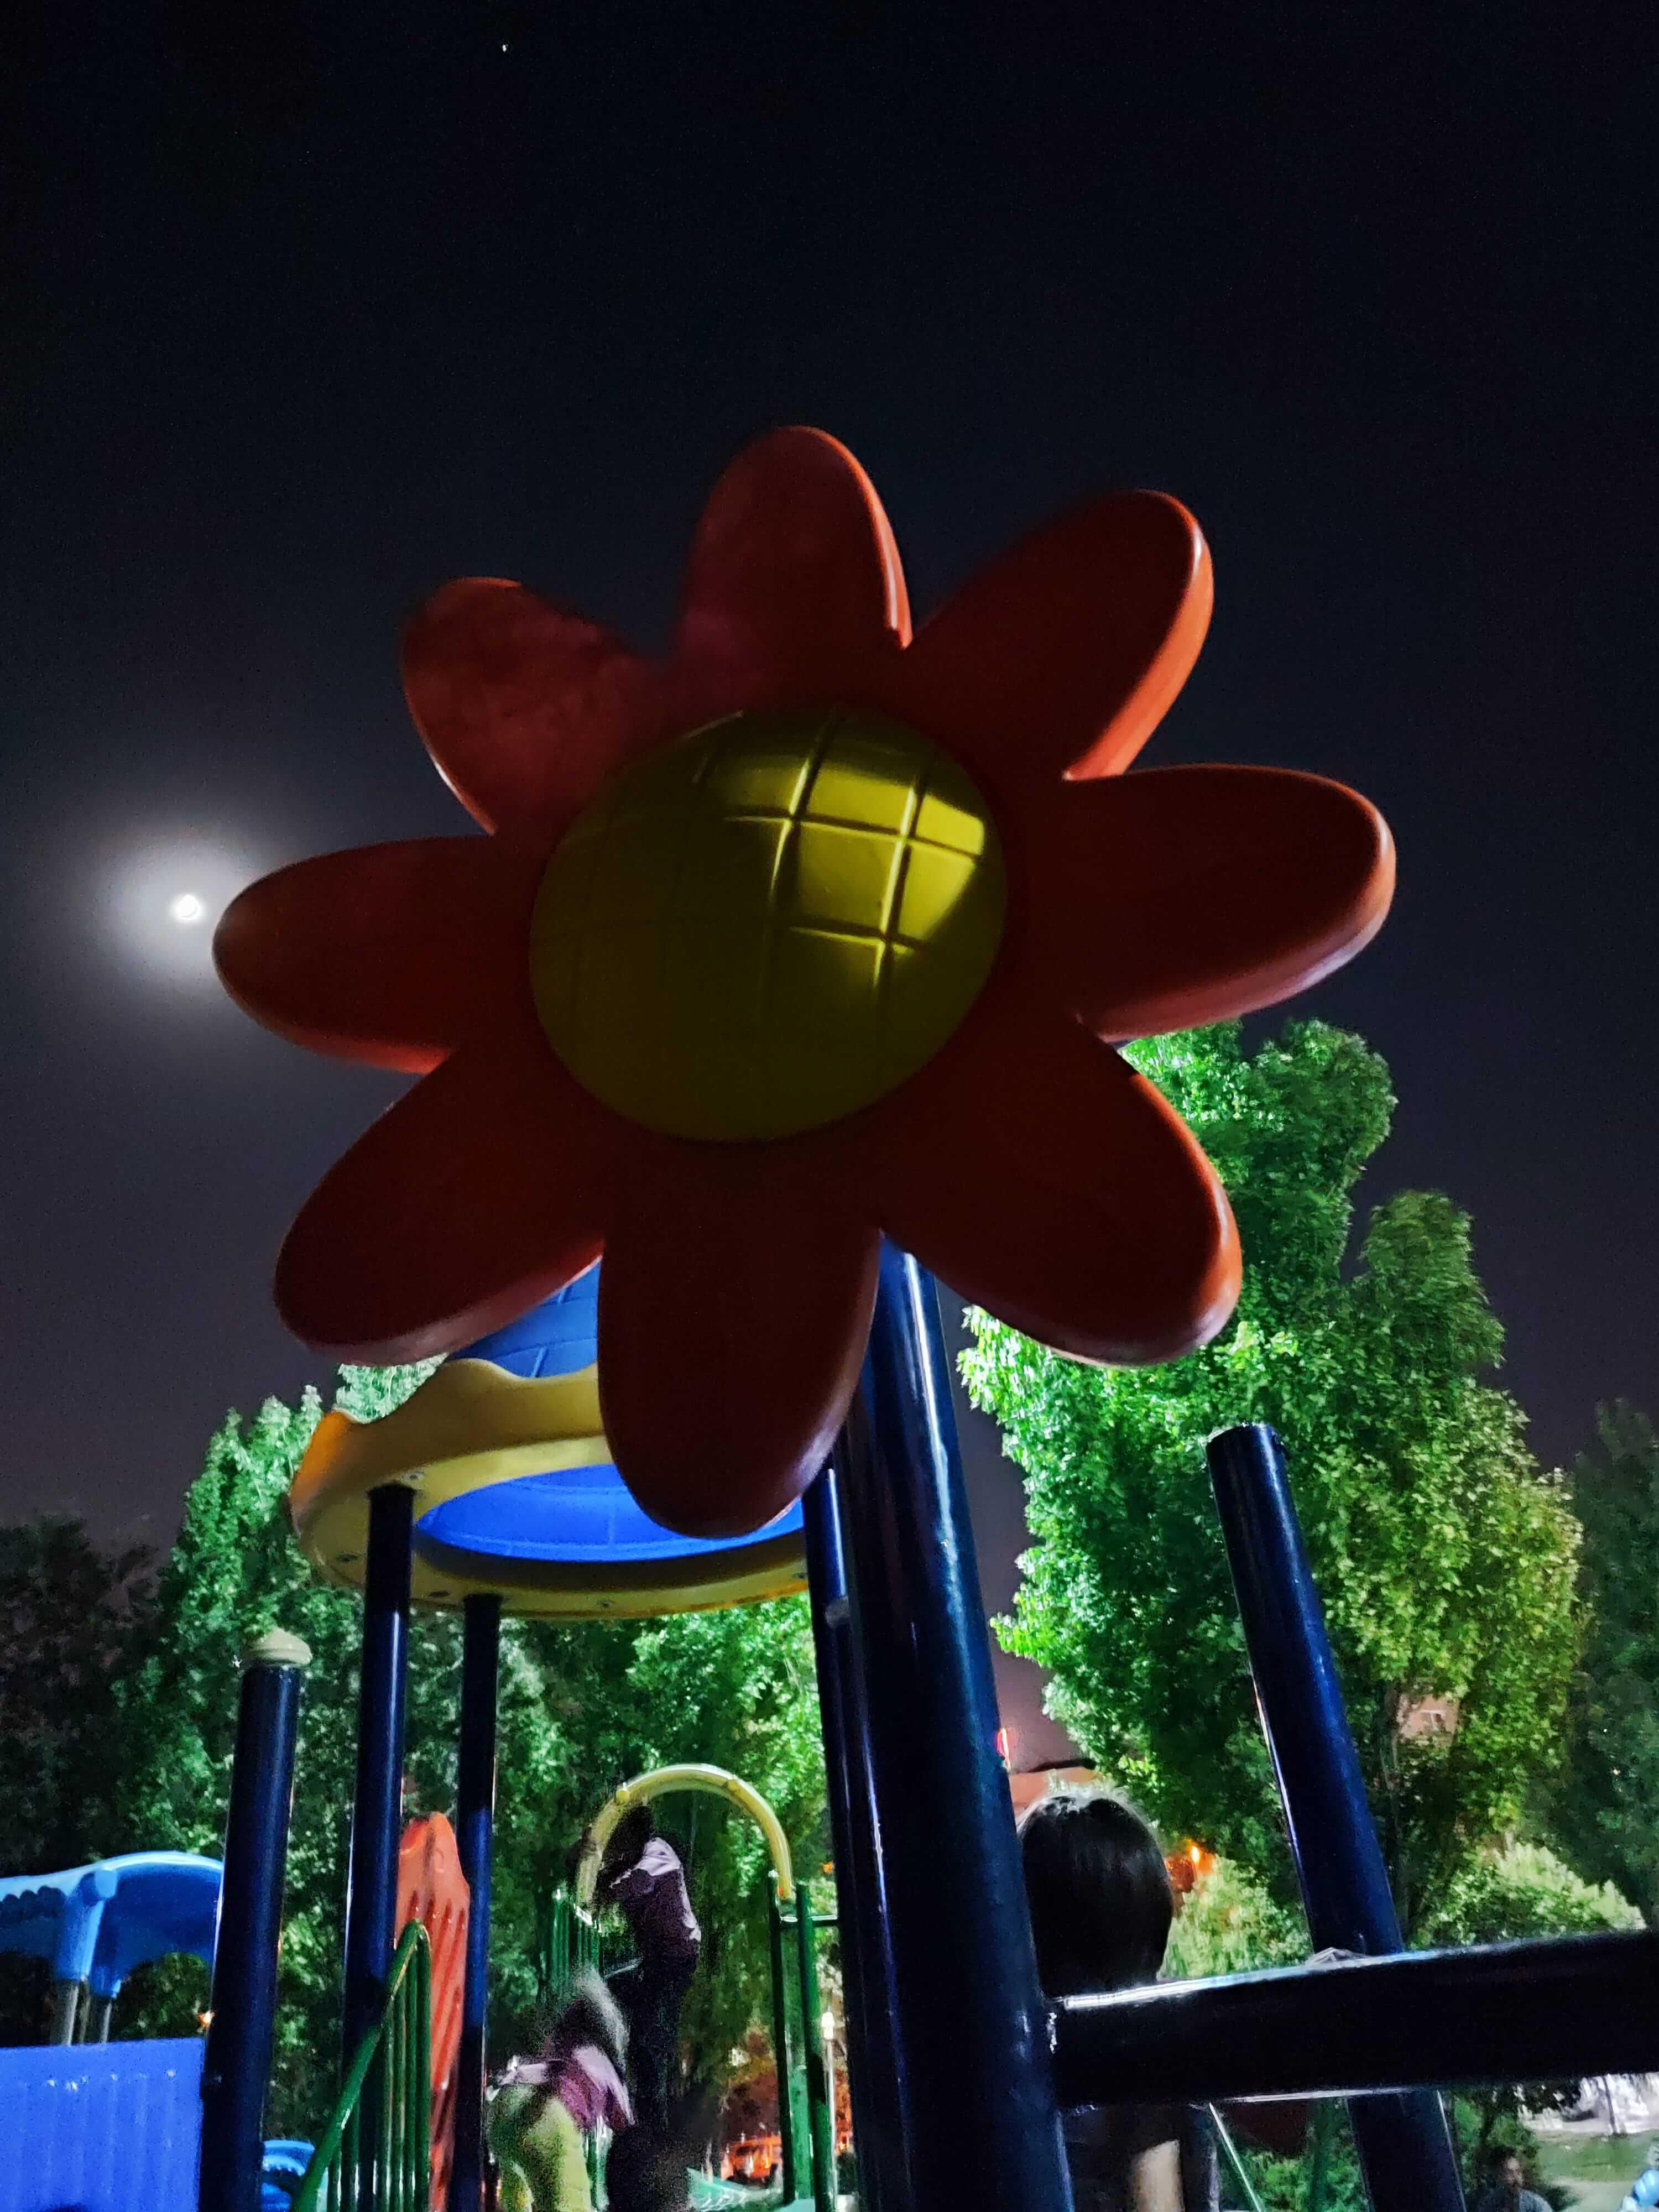 عکاسی در شب با ردمی نوت 10 پرو